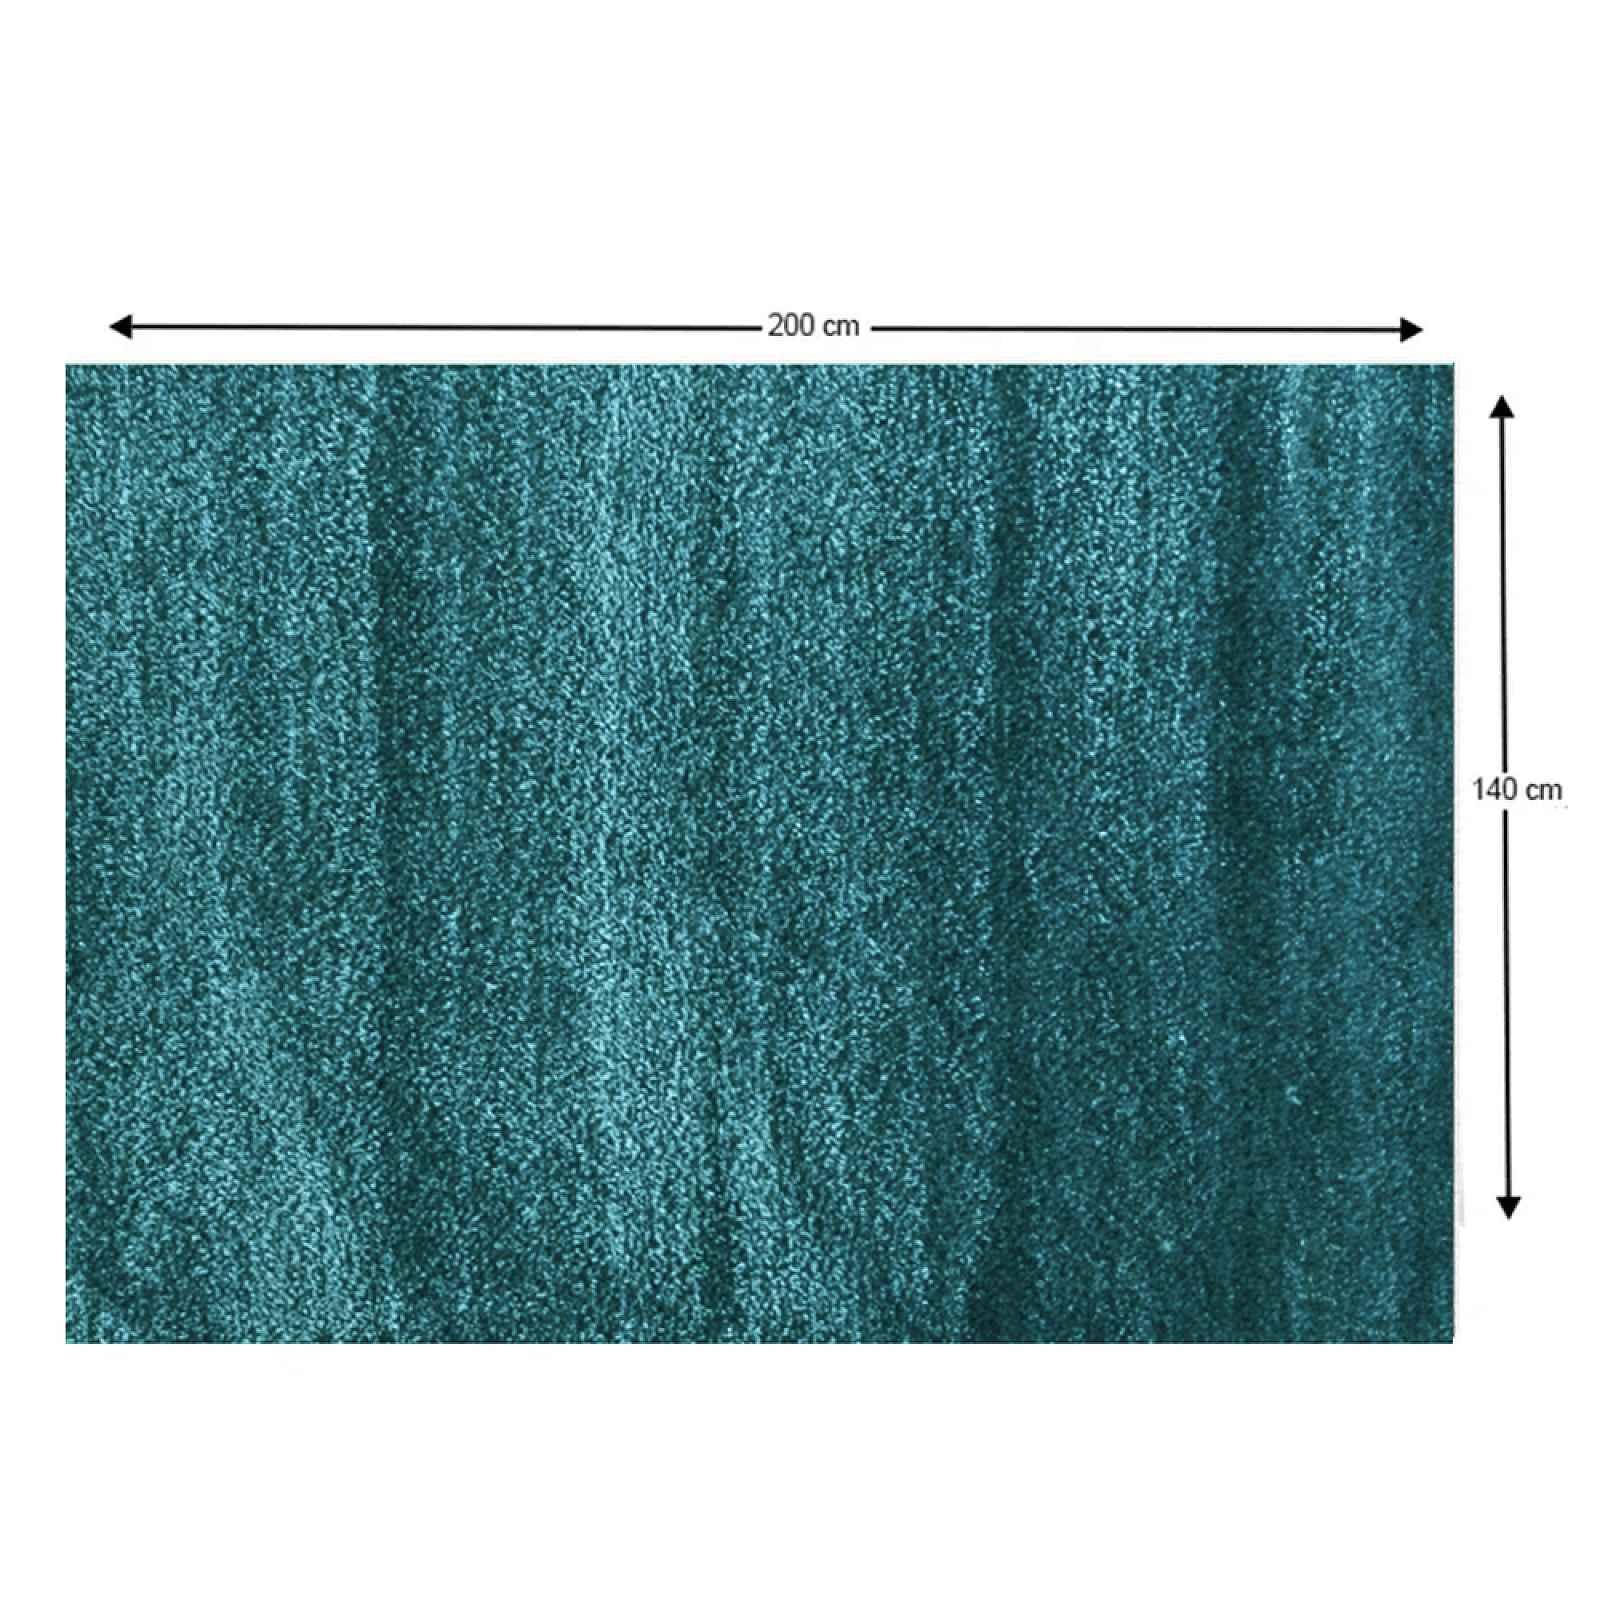 Shaggy koberec ARUNA tyrkysová Tempo Kondela 140x200 cm